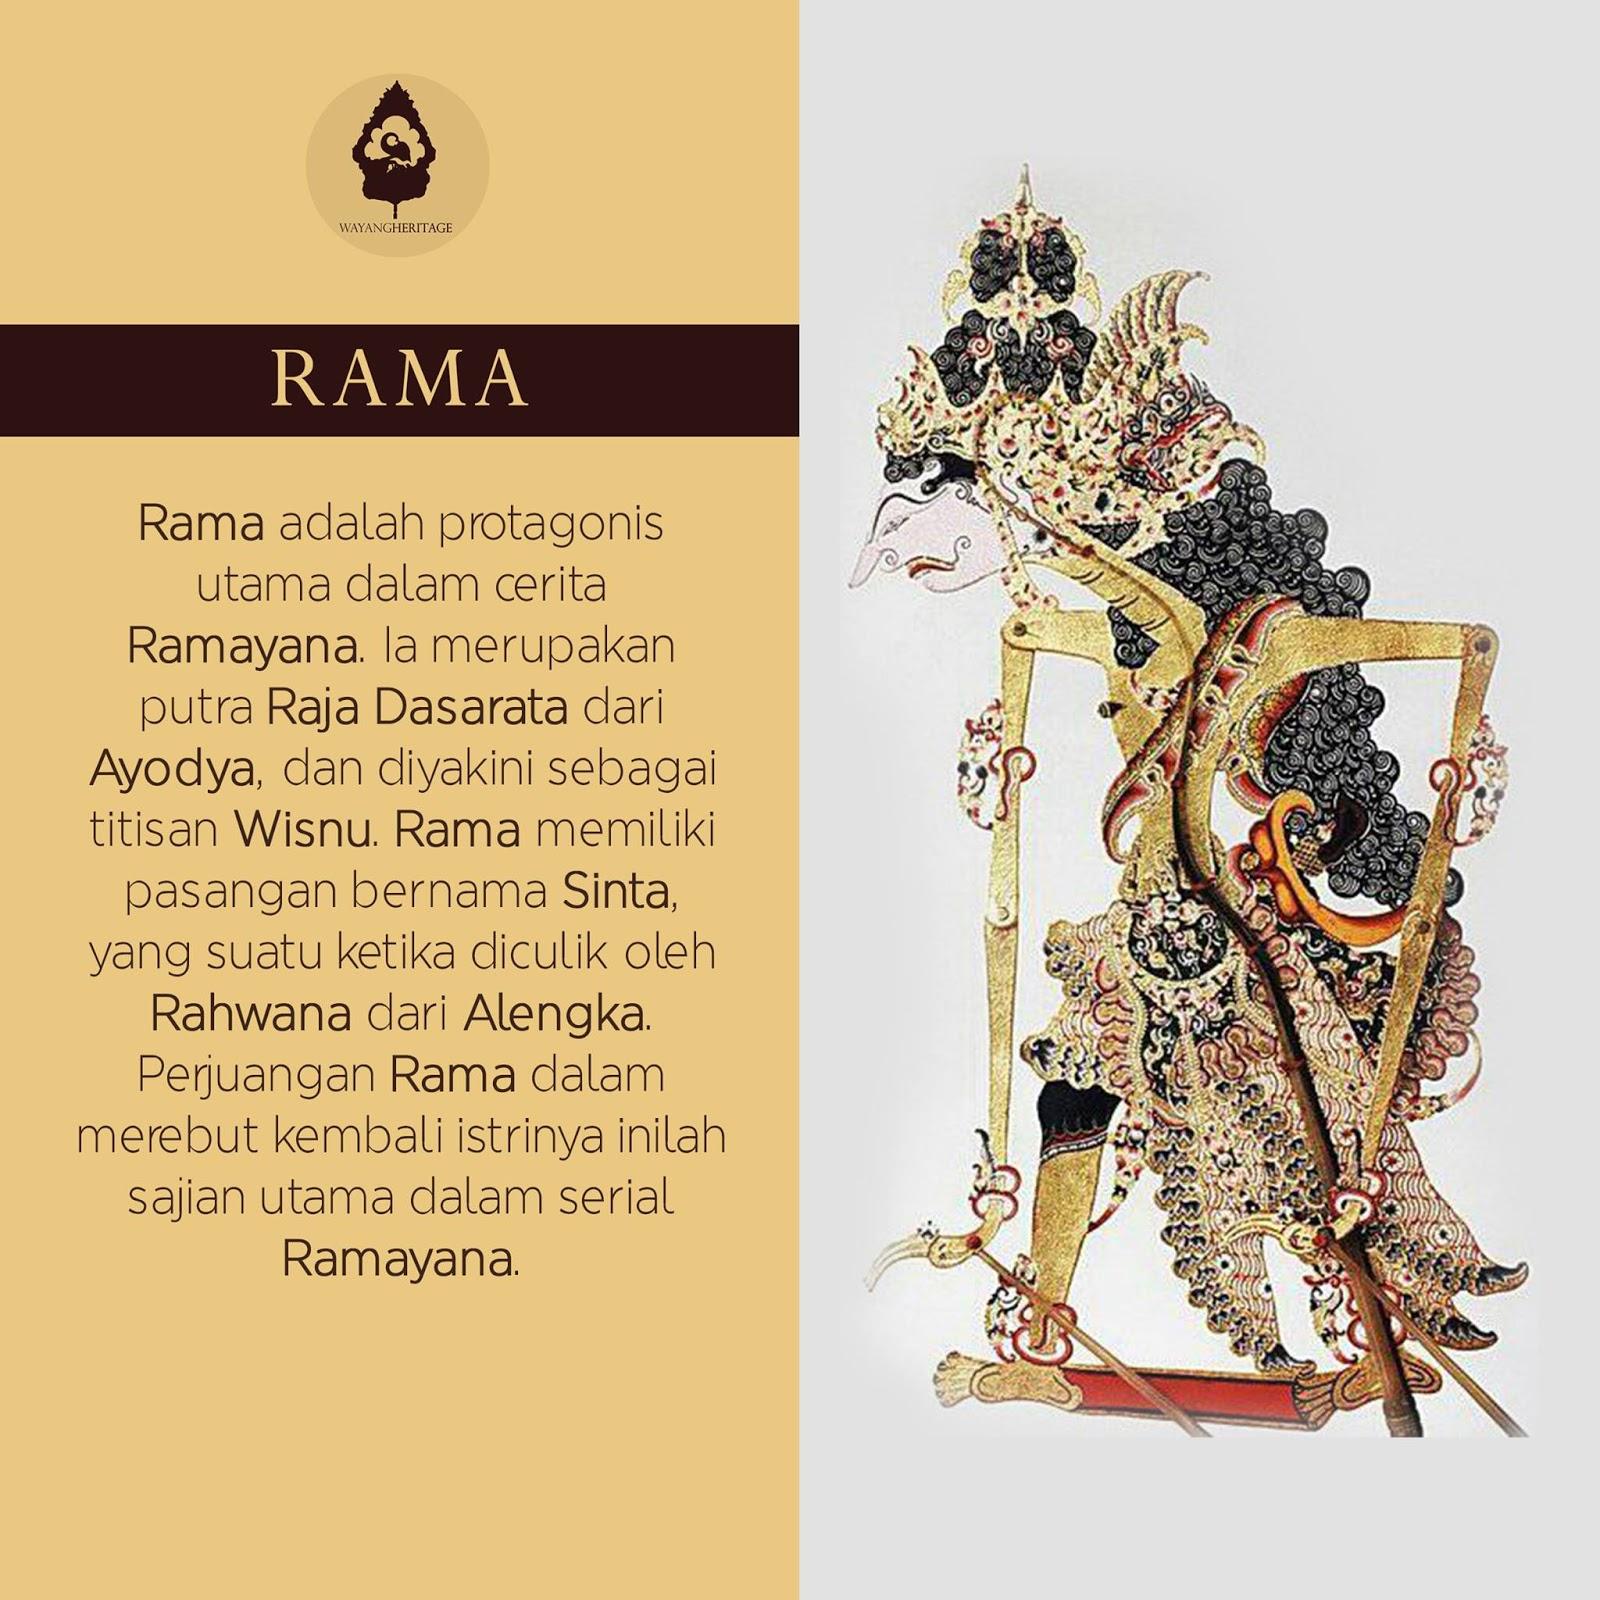 Paraga ing crita ngalami prakara kang ruwet lan dumadi pasulayan b. Gambar Wayang Ramayana Dan Kisah Rama Shinta